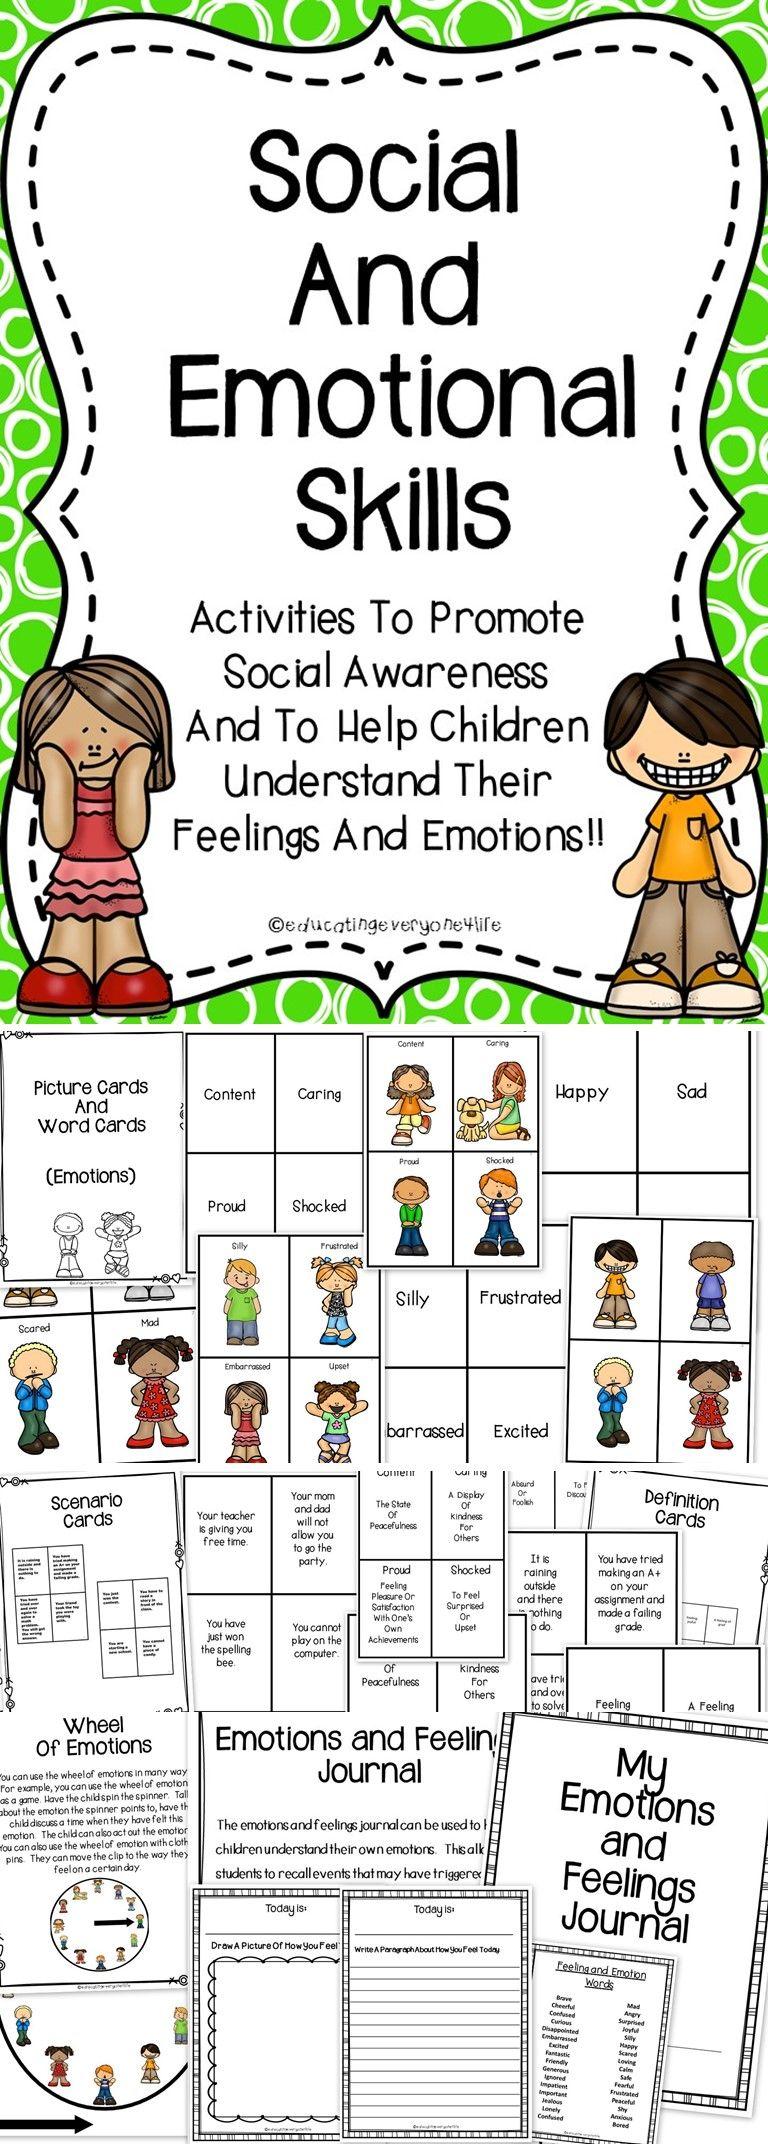 Social Skills And Emotional Skills Activities Emotional Skills Emotional Skills Activities Teaching Social Skills